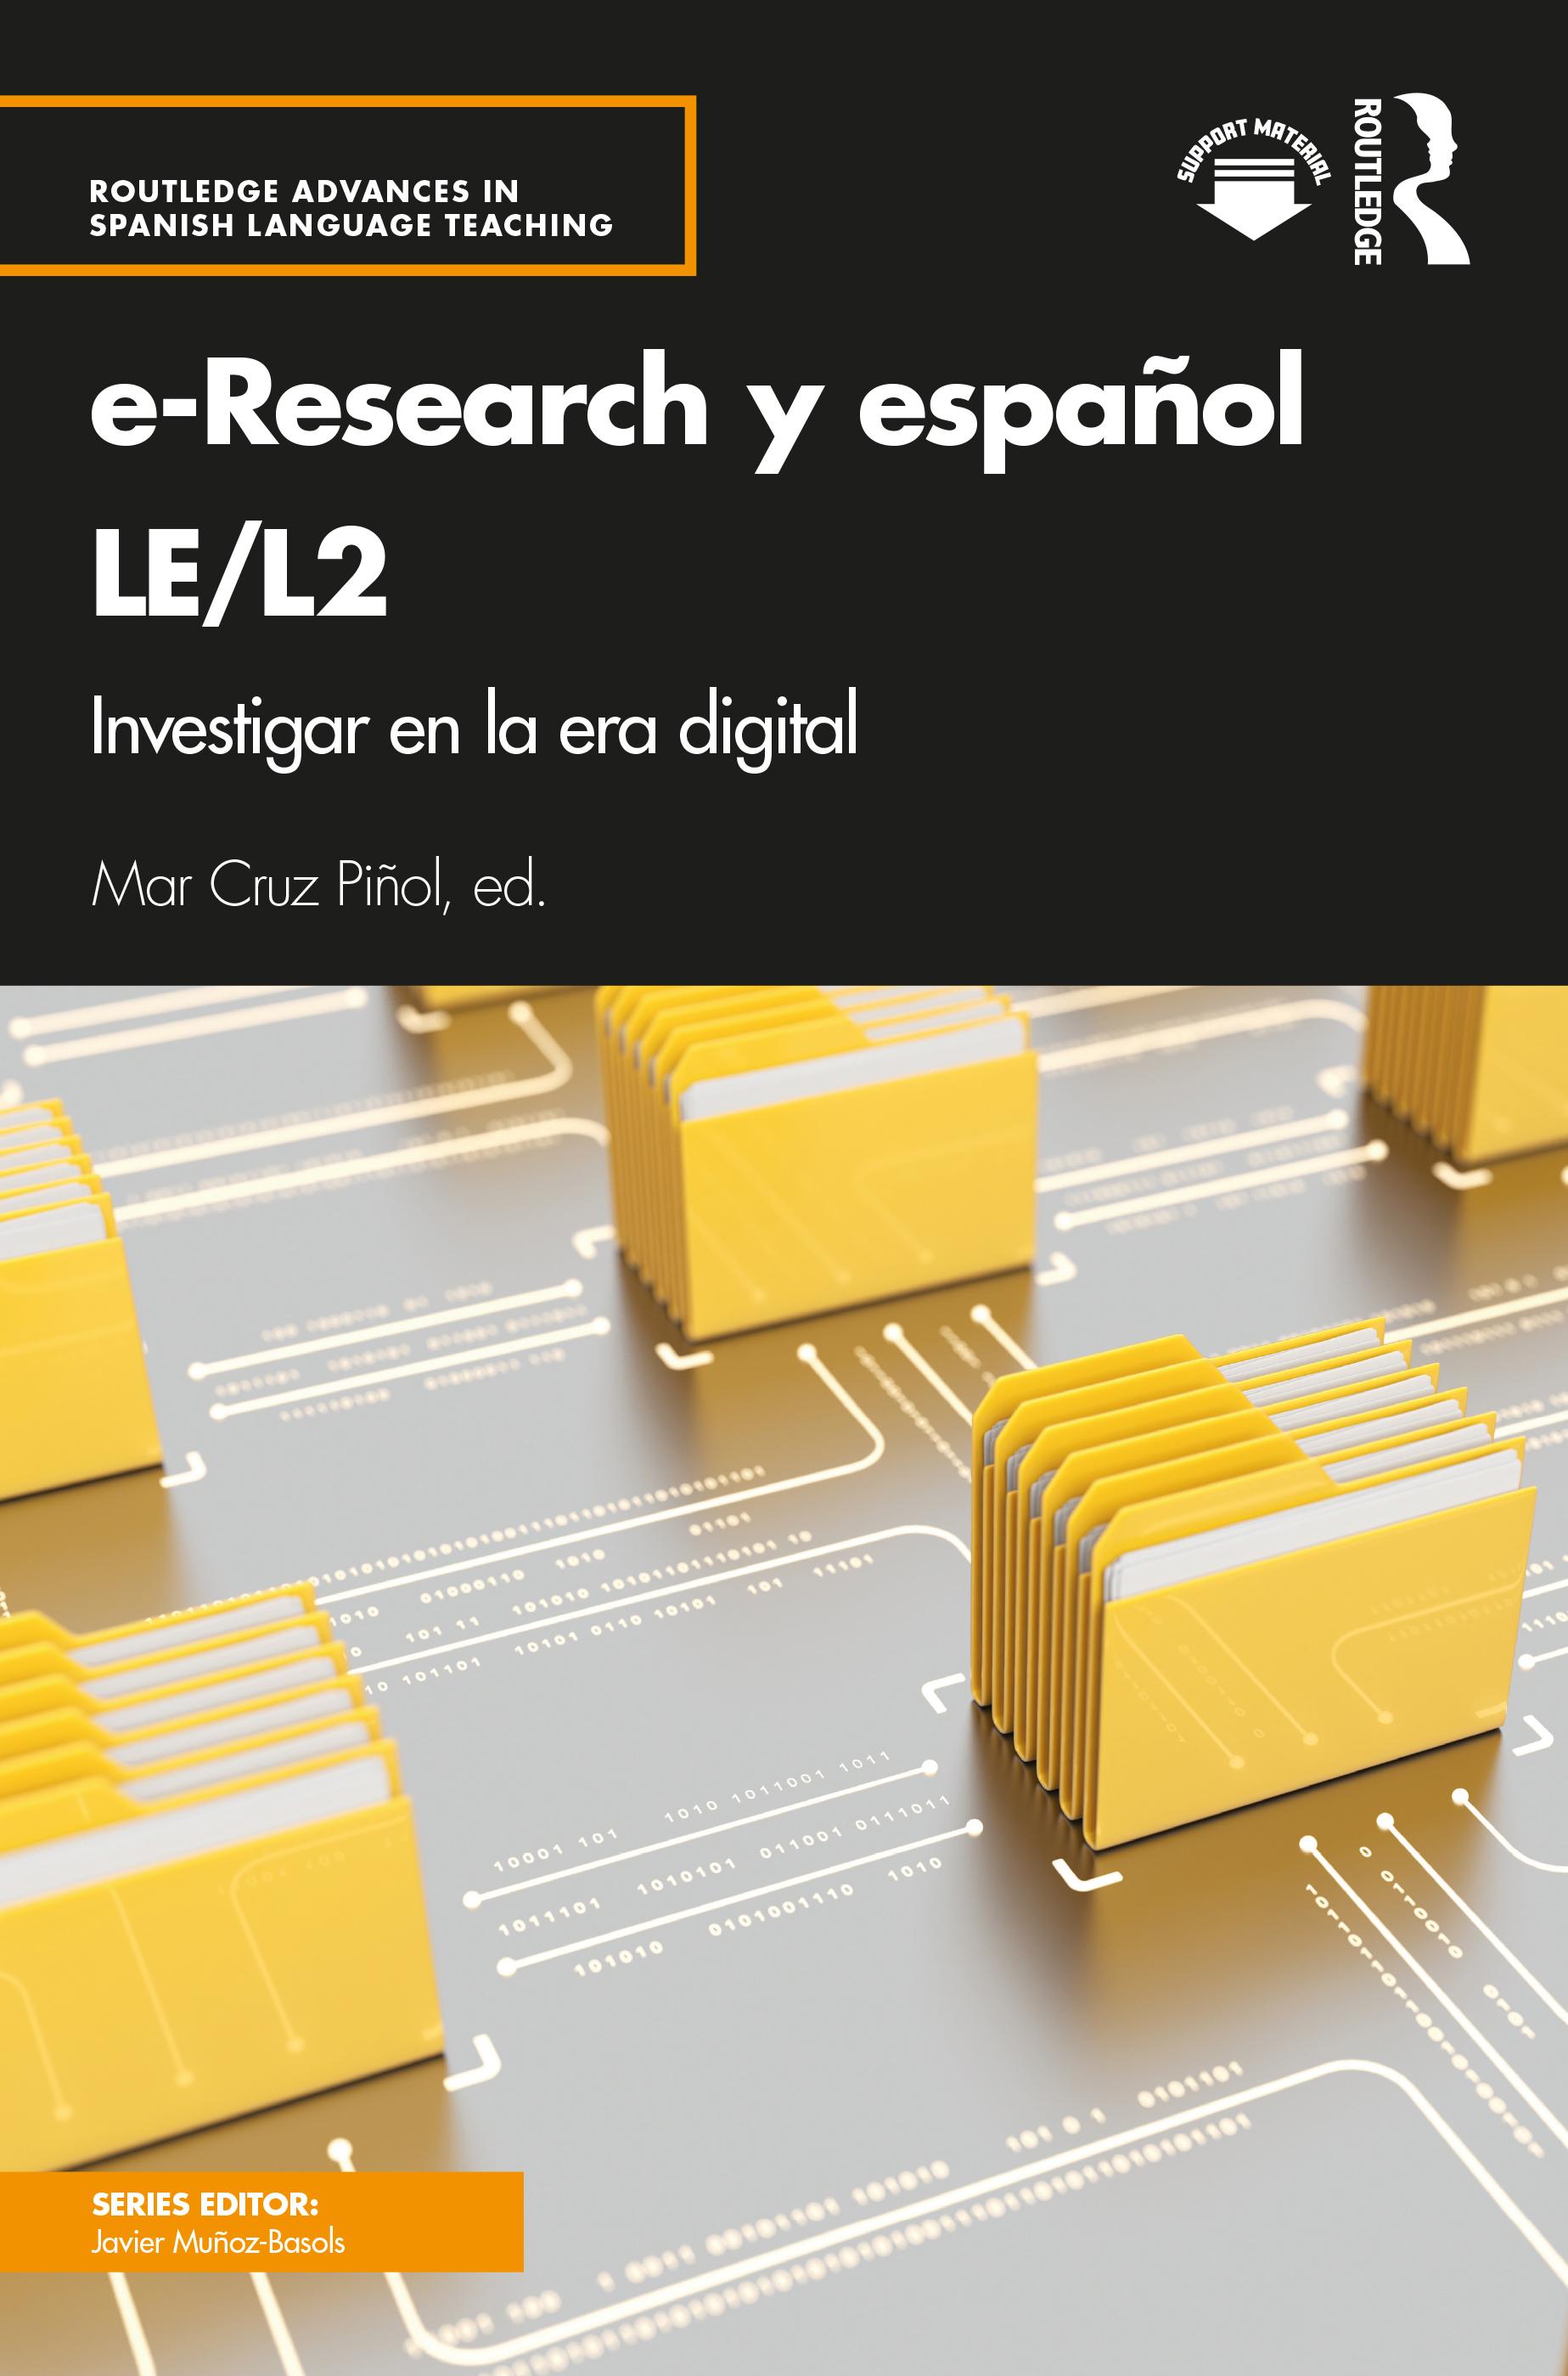 Buscar referencias académicas de calidad sobre el español LE/L2